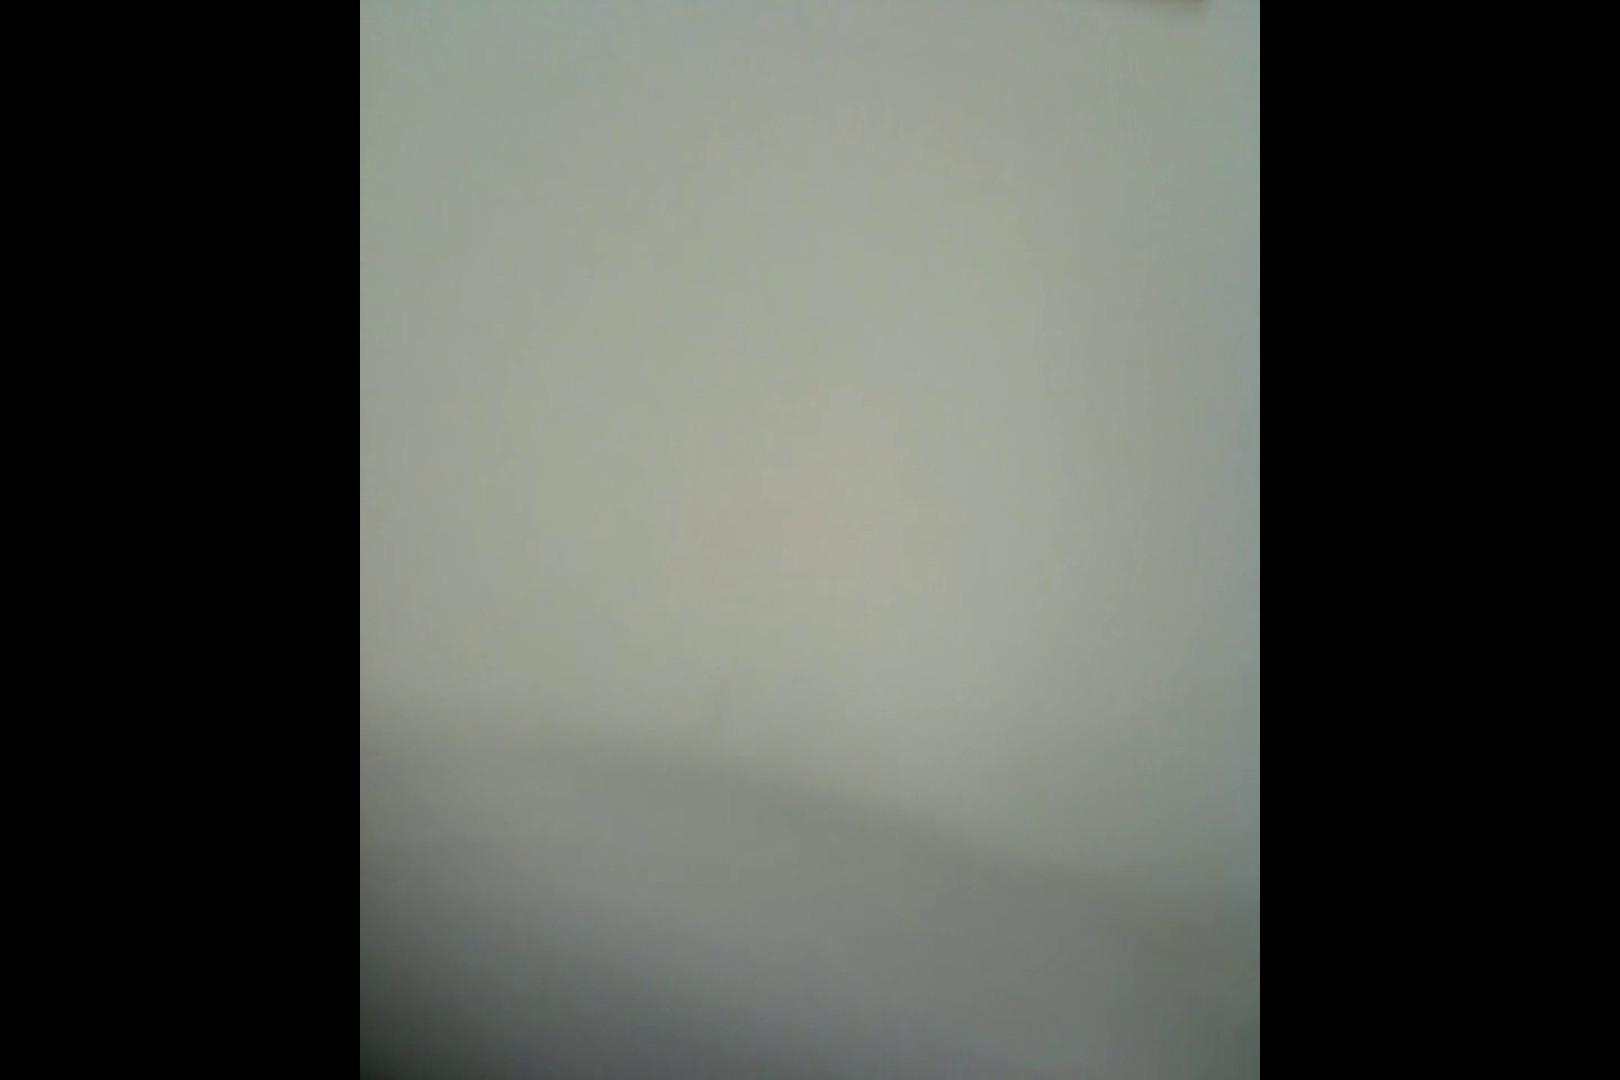 素人流出動画 AMIちゃんYUMIちゃんの秘密の携帯ムービー 素人丸裸  105pic 24